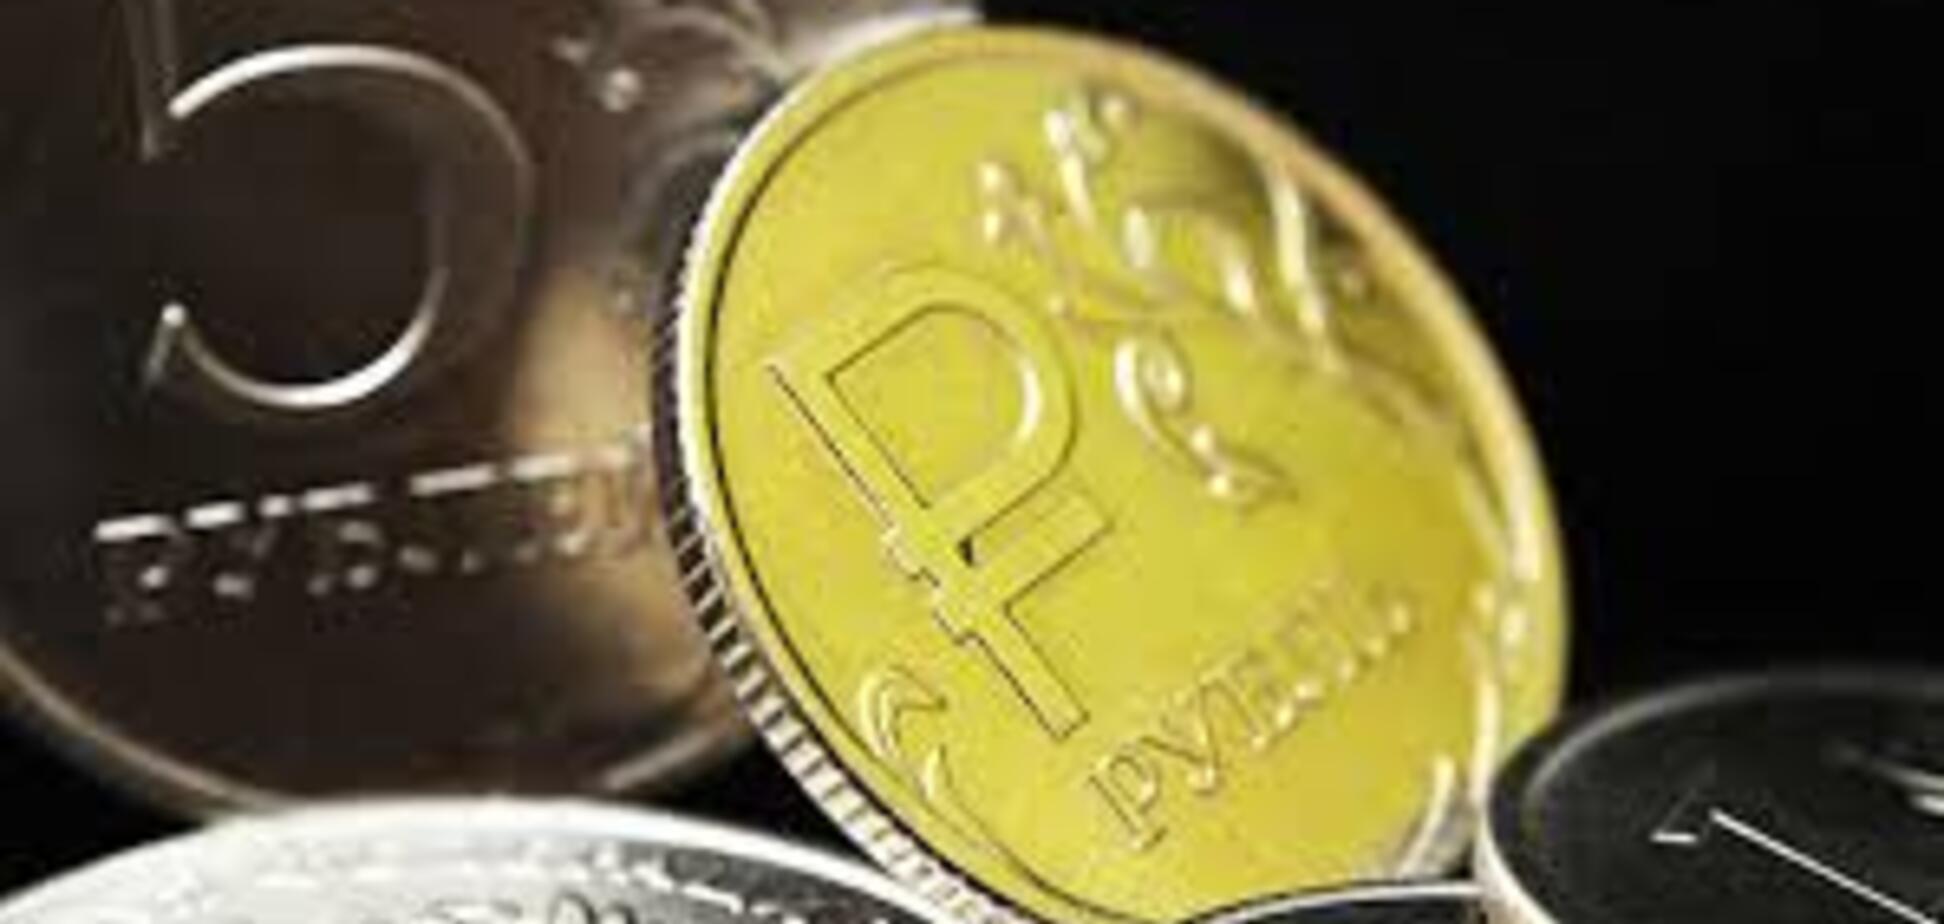 Російський рубль обвалився: економіст дав прогноз